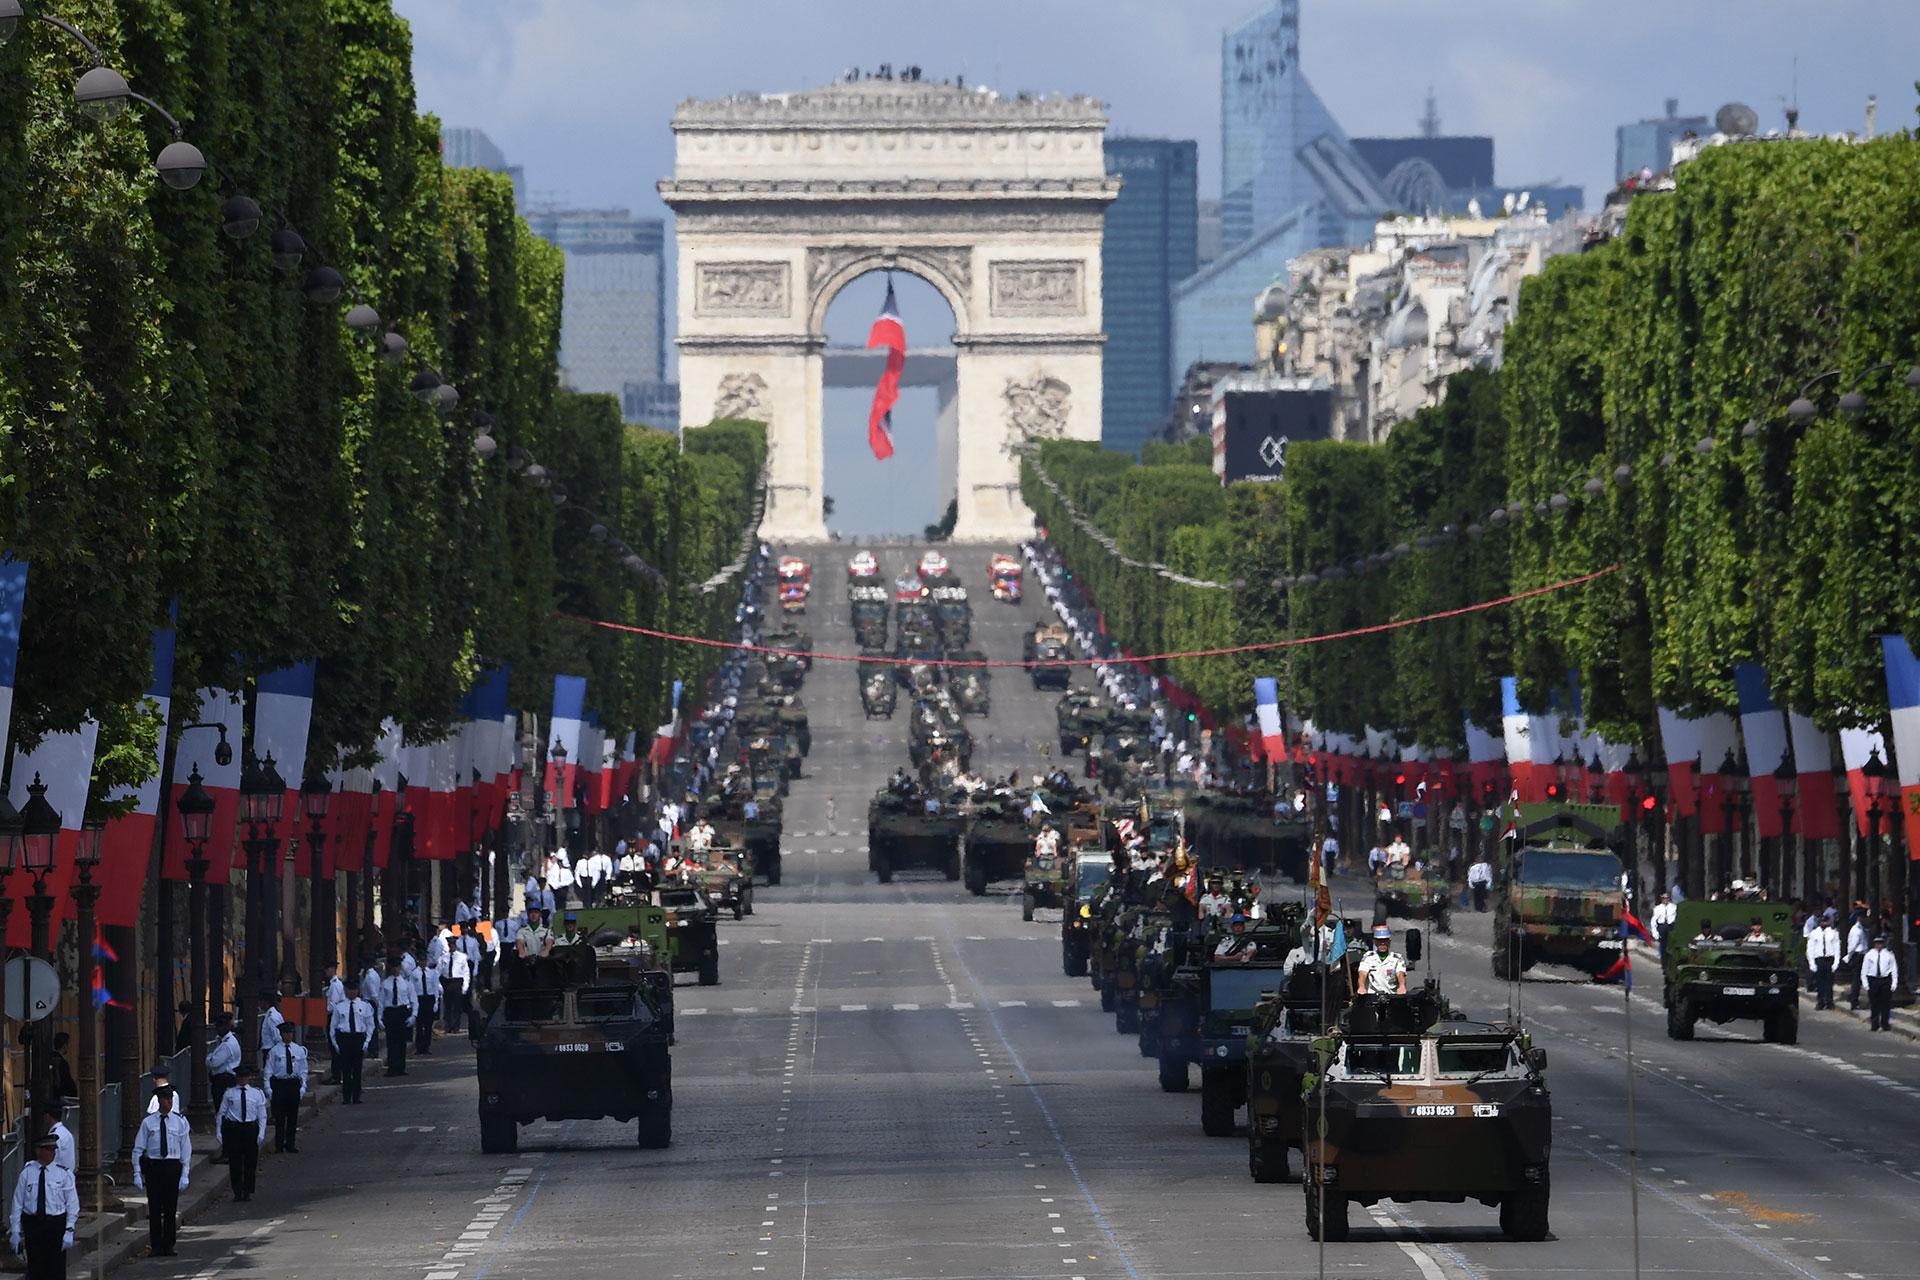 Las tropas francesas desfilan durante la tradicional fiesta nacional anual por el Día de la Bastilla. (AFP)